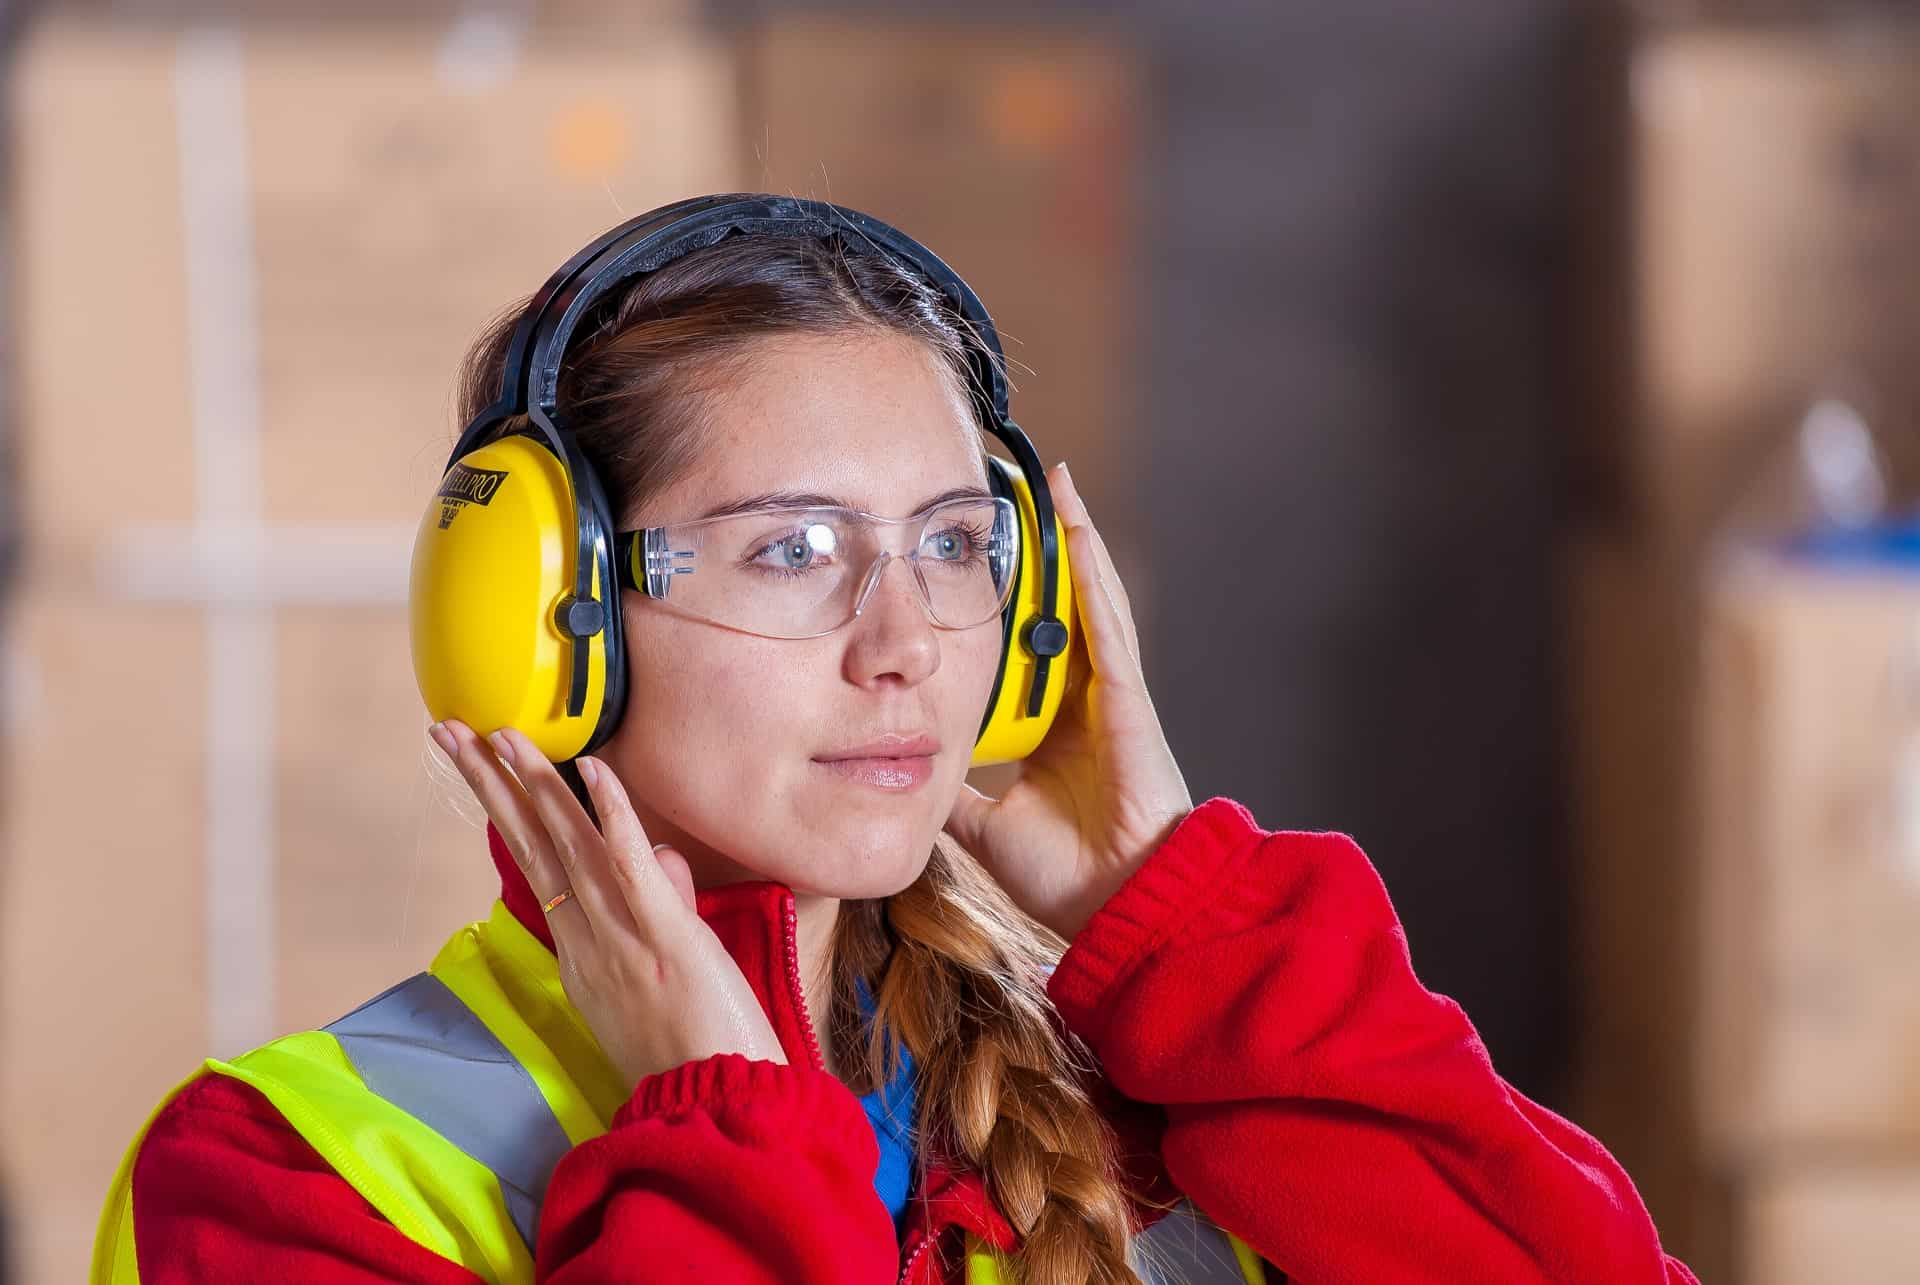 Gehörschutz: Test & Empfehlungen (02/21)